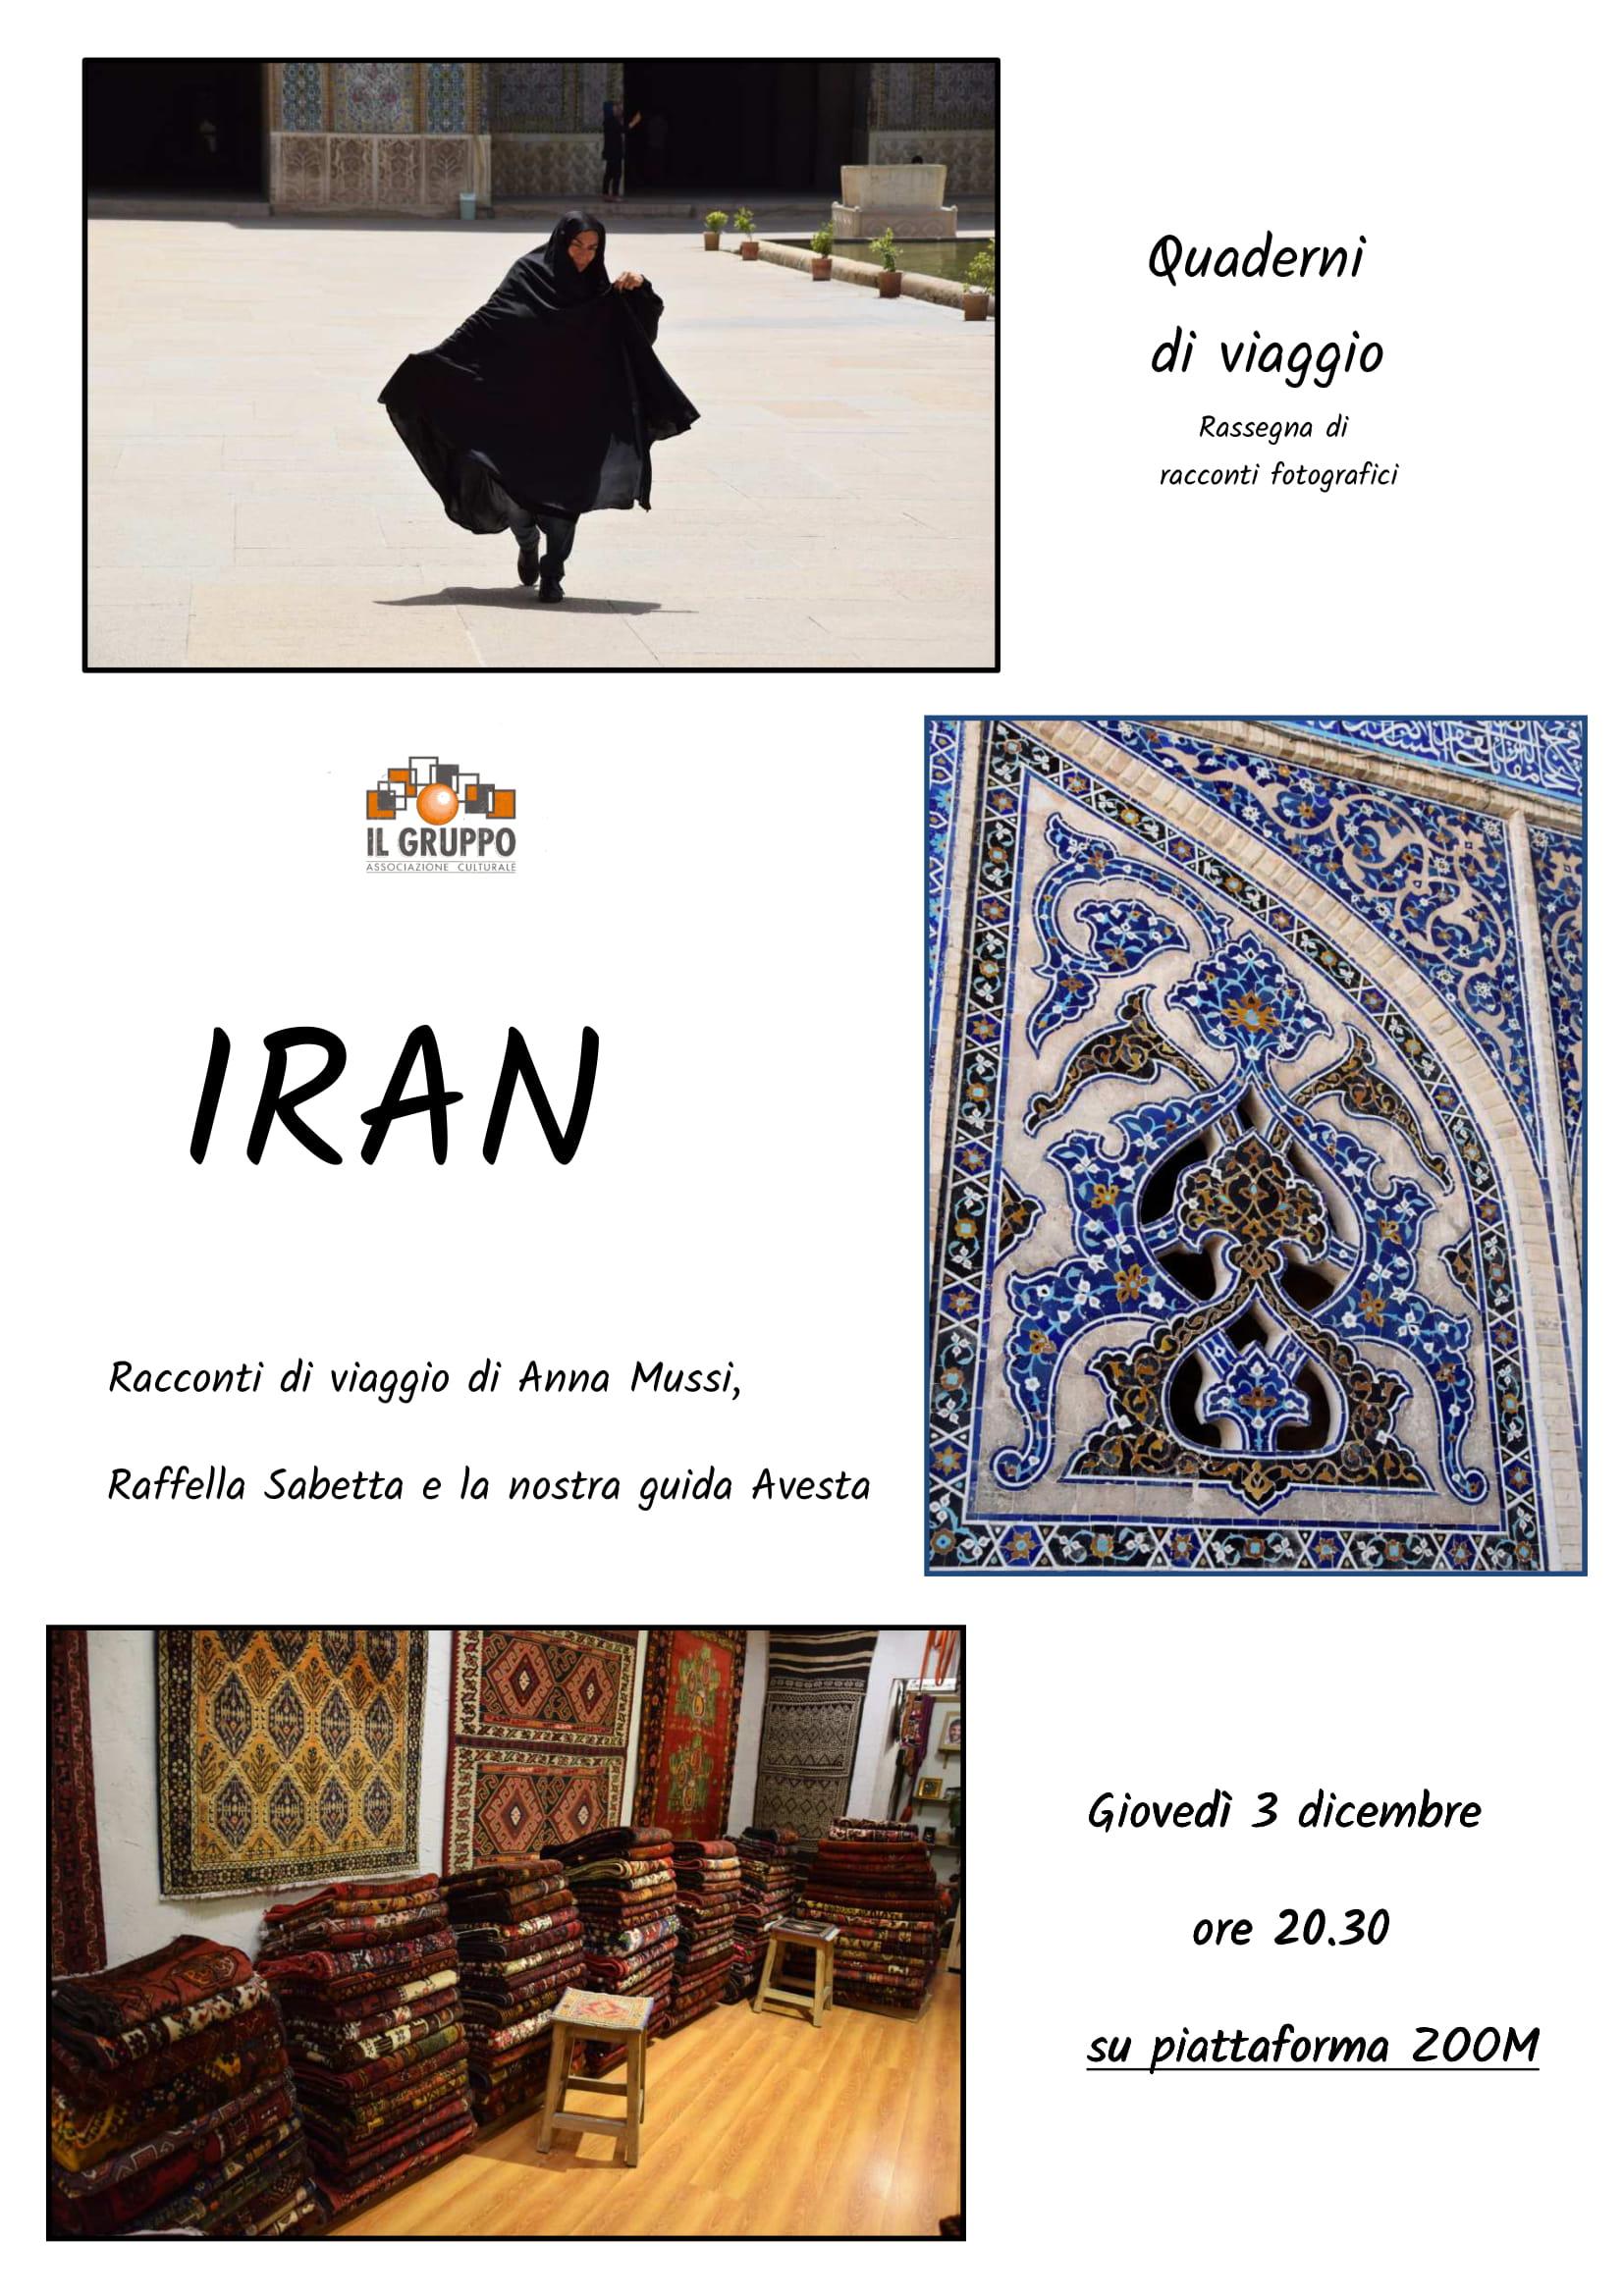 IRAN, QUADERNI DI VIAGGIO